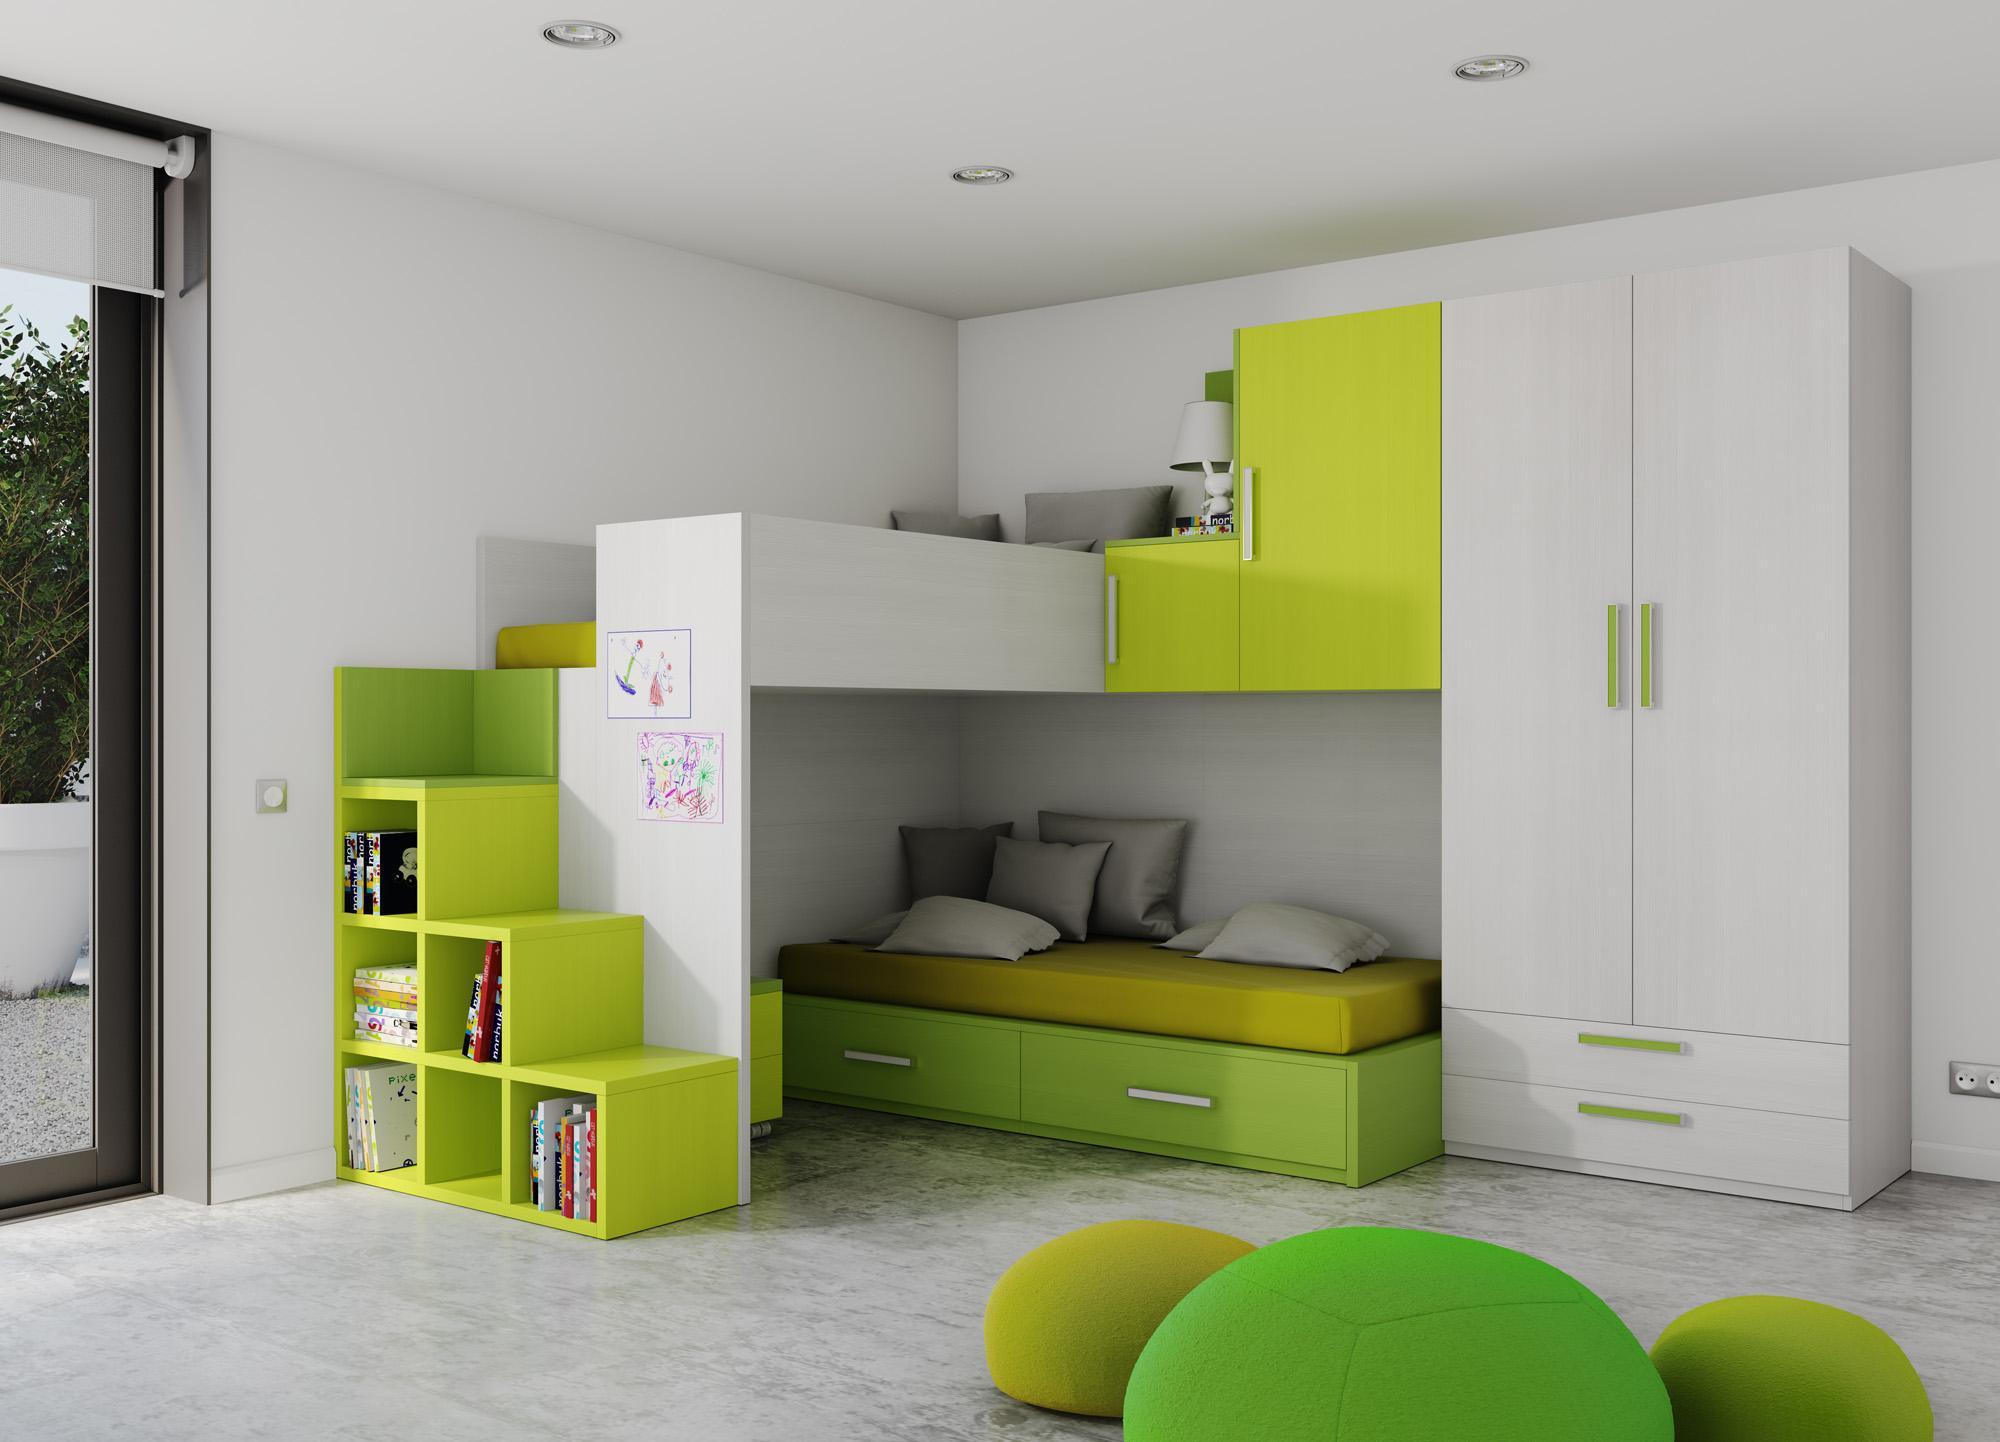 Dormitorio de ni os as en dise o for Diseno de habitaciones para ninos